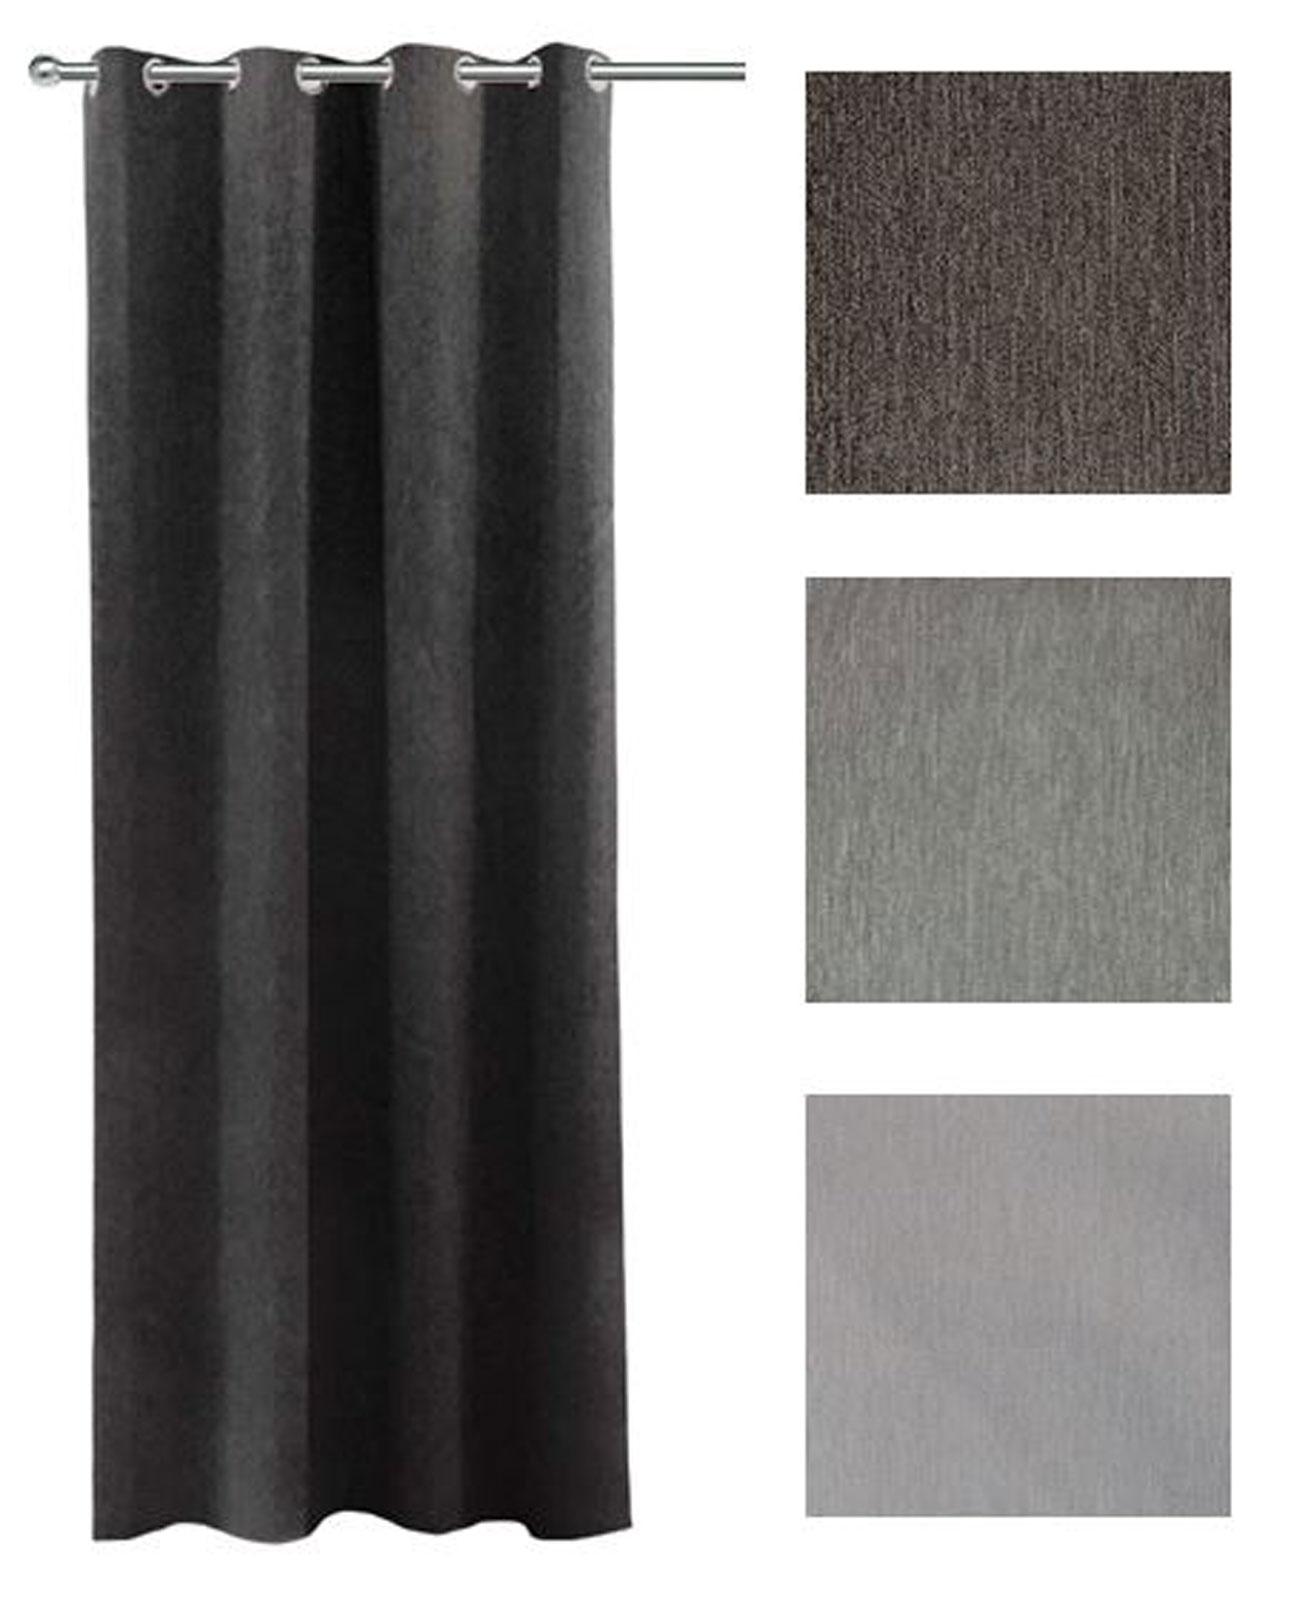 Gardinen und Vorhänge - 2er Pack Goldmond Vorhang Halbverdunkelung fein meliert Neapel 140x245cm  - Onlineshop PremiumShop321